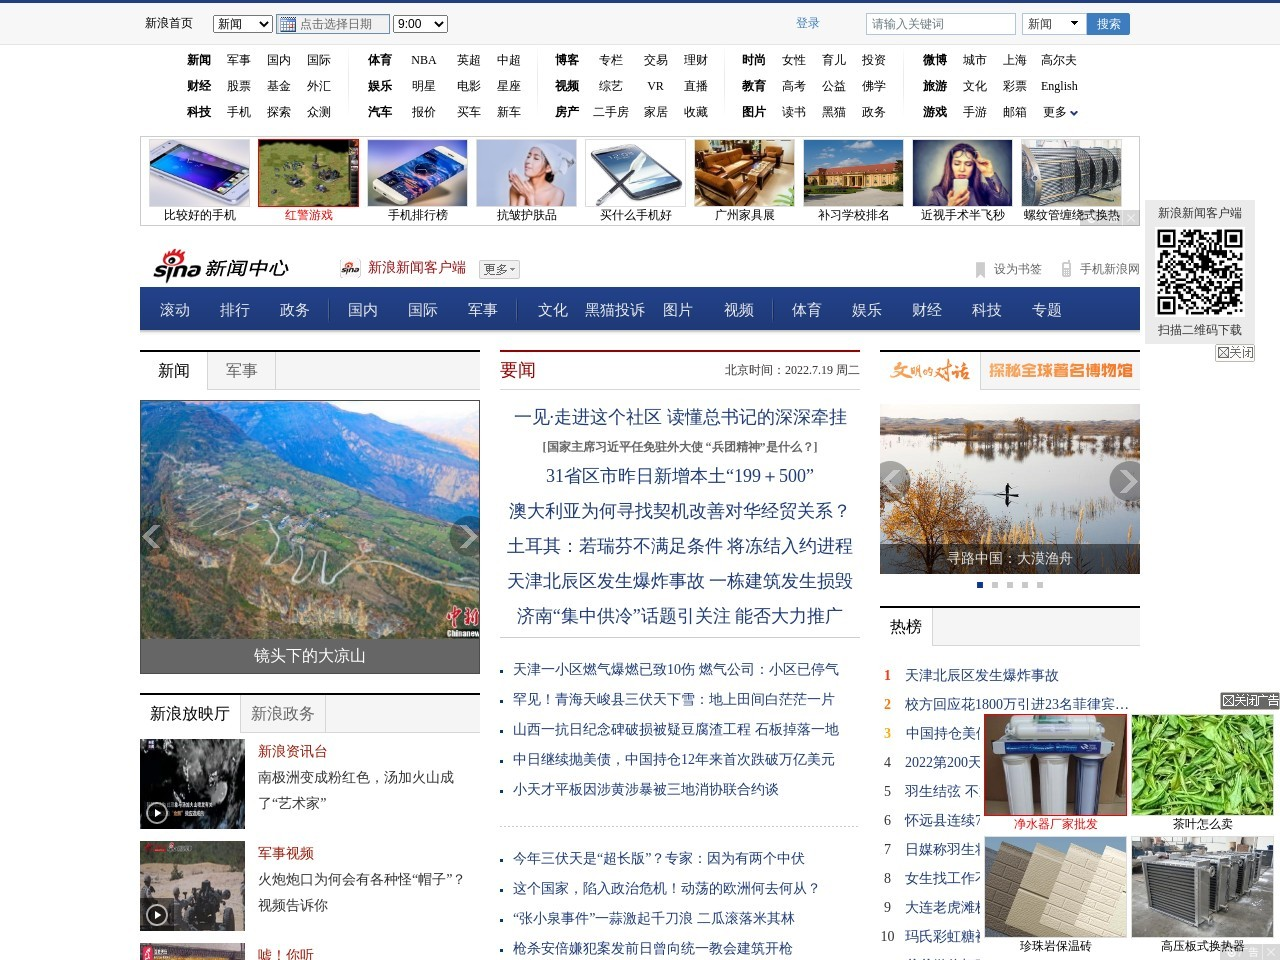 蔡丽新任广西壮族自治区副主席_新浪新闻